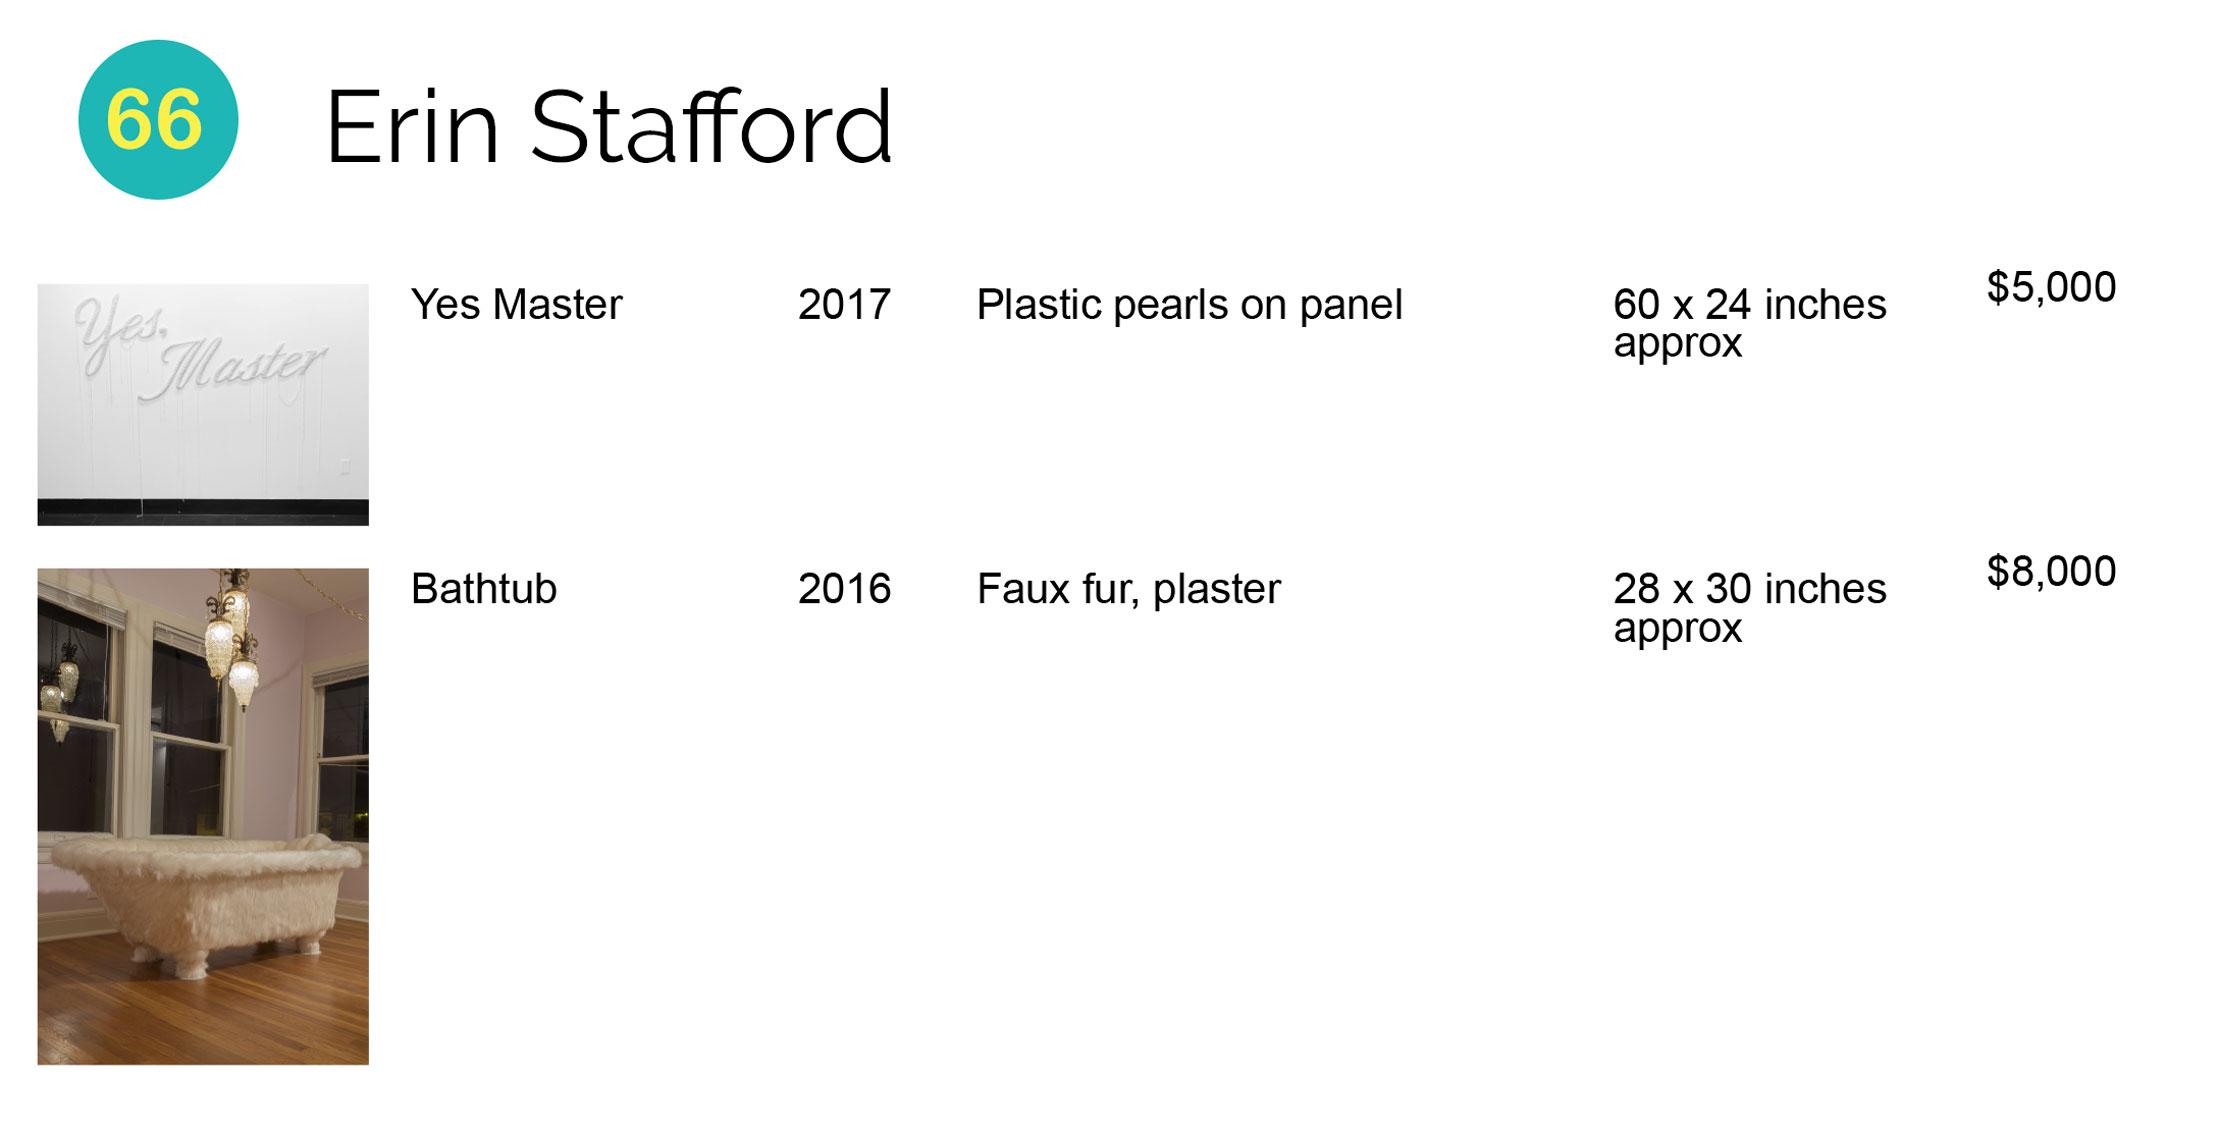 66_Stafford.jpg